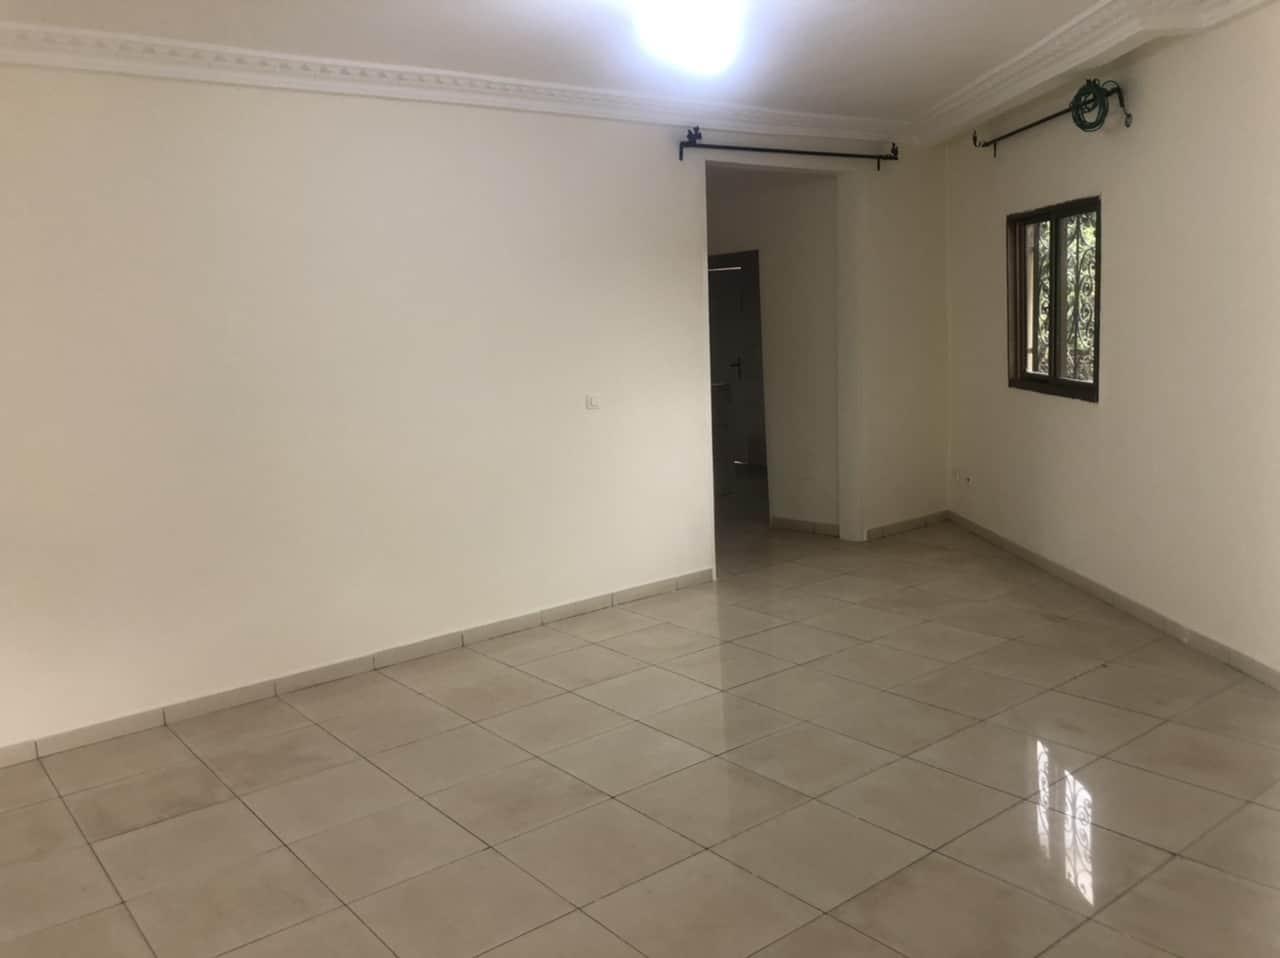 Appartement à louer - Yaoundé, Bastos, Palais de congrès - 1 salon(s), 1 chambre(s), 1 salle(s) de bains - 180 000 FCFA / mois